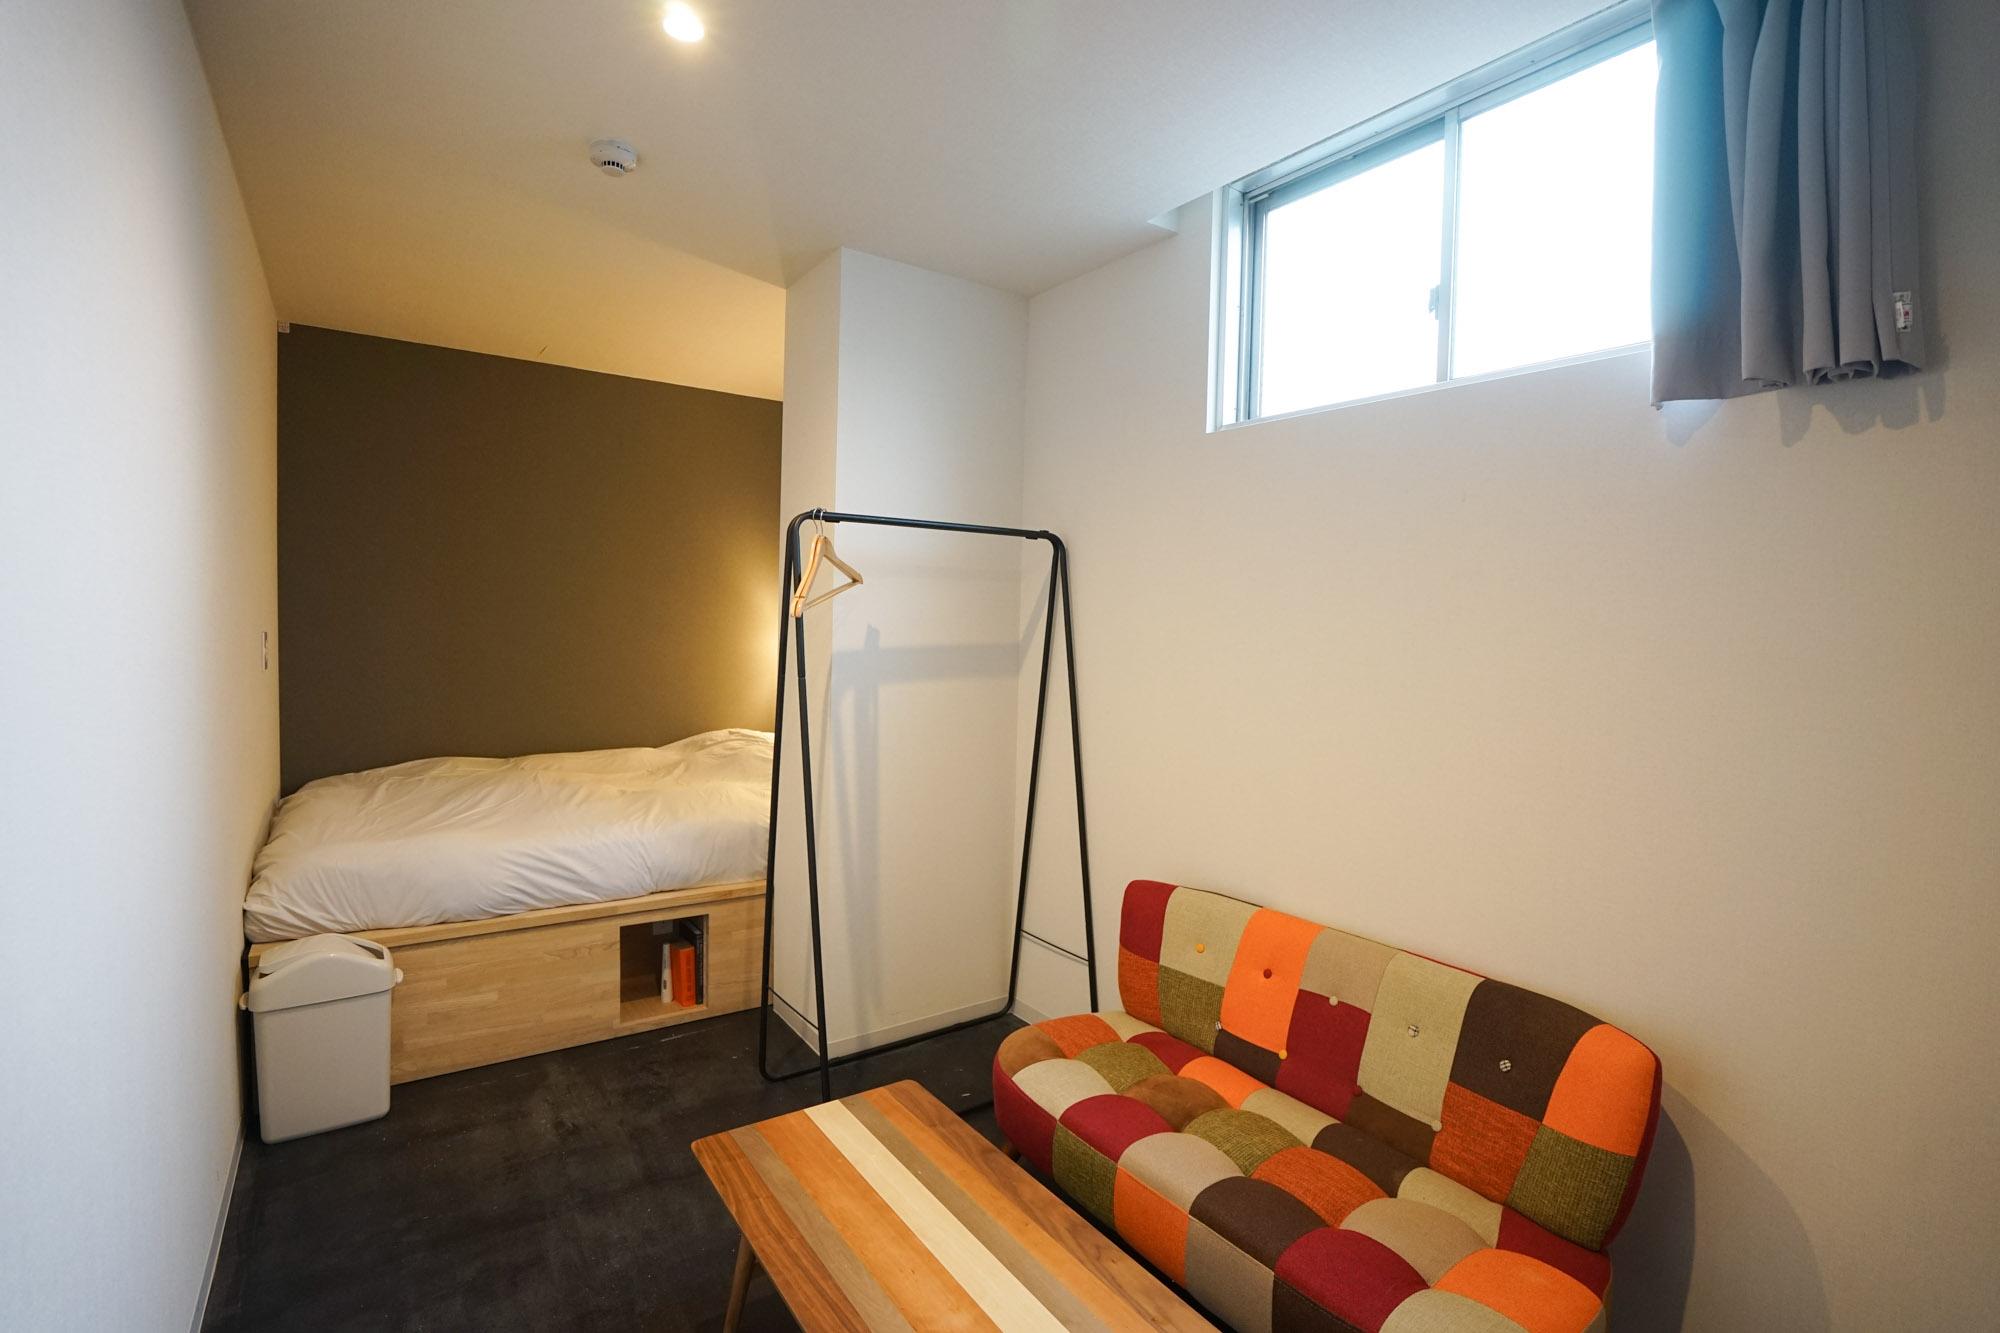 今回泊まったのは、「スタンダードダブル」のお部屋。ソファのお部屋でしたが、デスク&チェアが設置されたお部屋もあります。